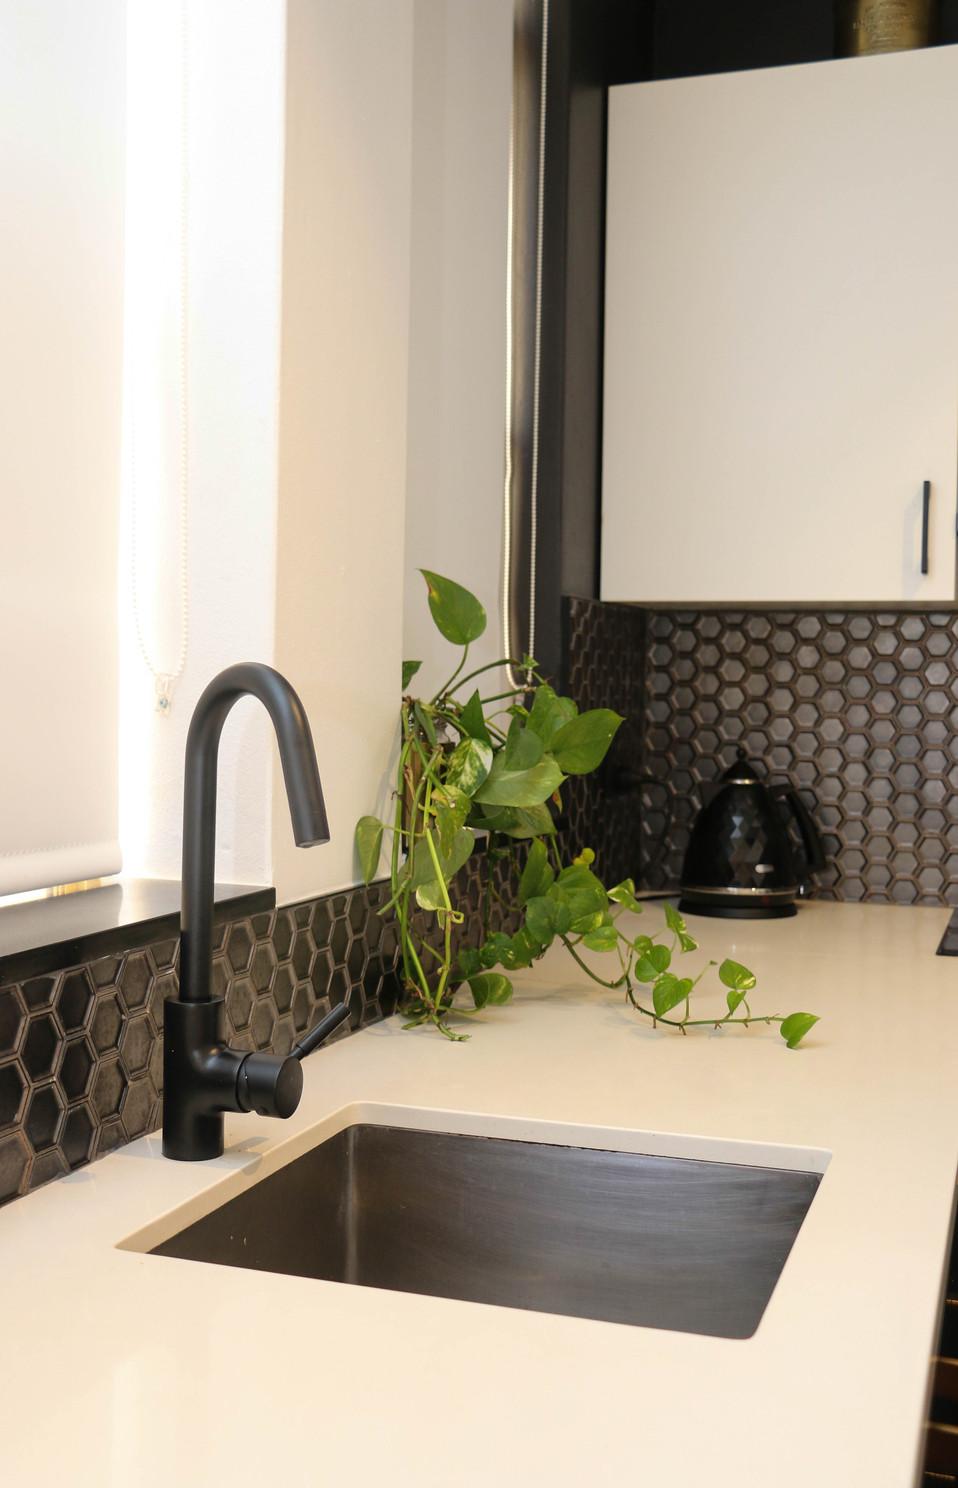 manly kitchen - modern industrial, black, white, brass mixer